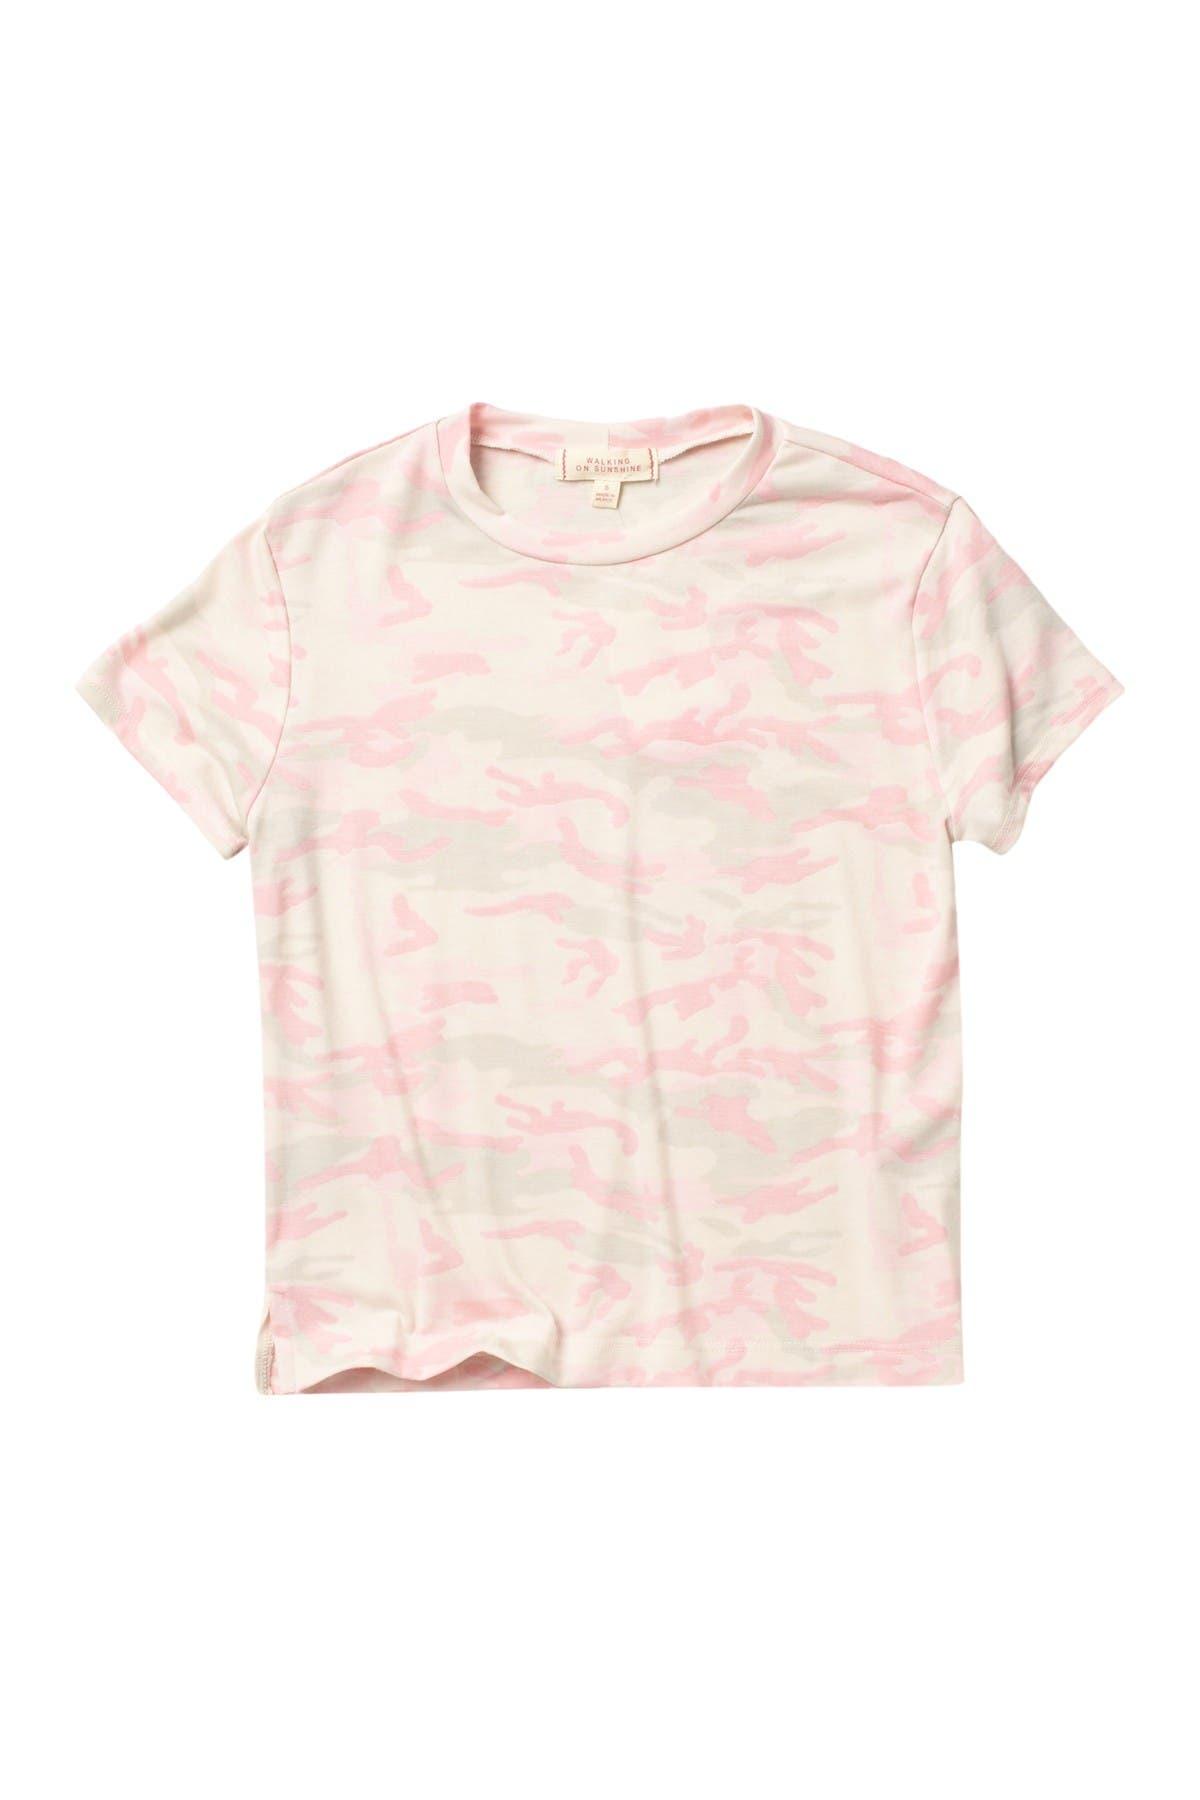 Image of WALKING ON SUNSHINE Printed T-Shirt